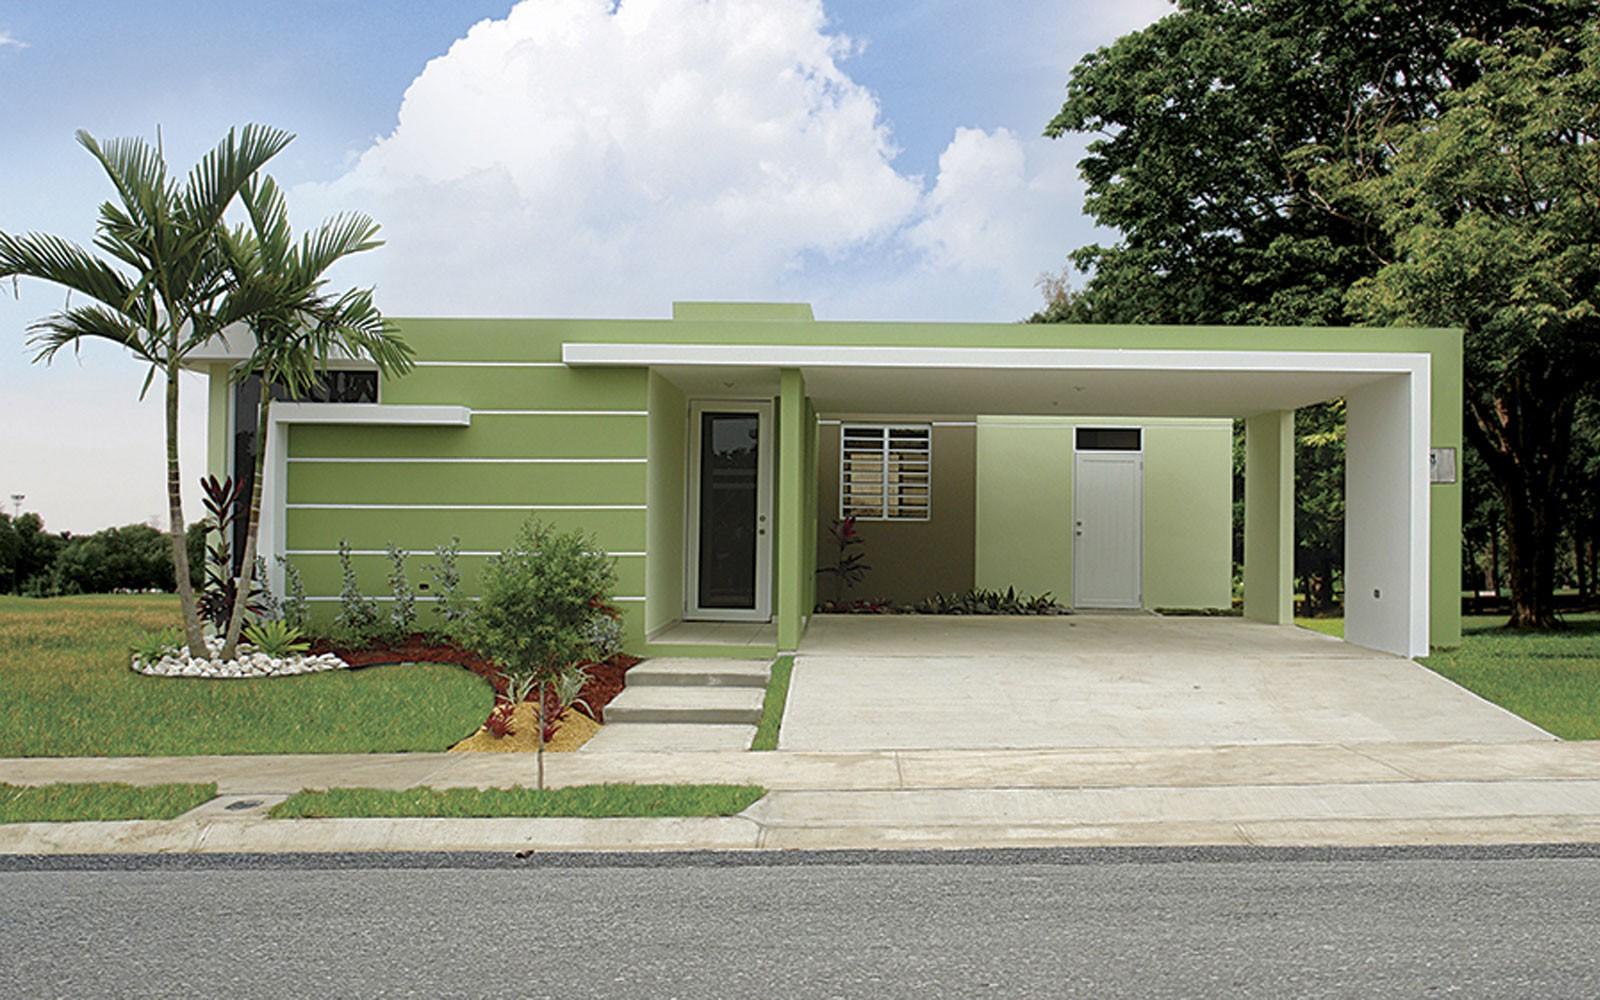 Mirador del sol en joyuda casas cabo rojo puerto rico - Proyectos casas nuevas ...